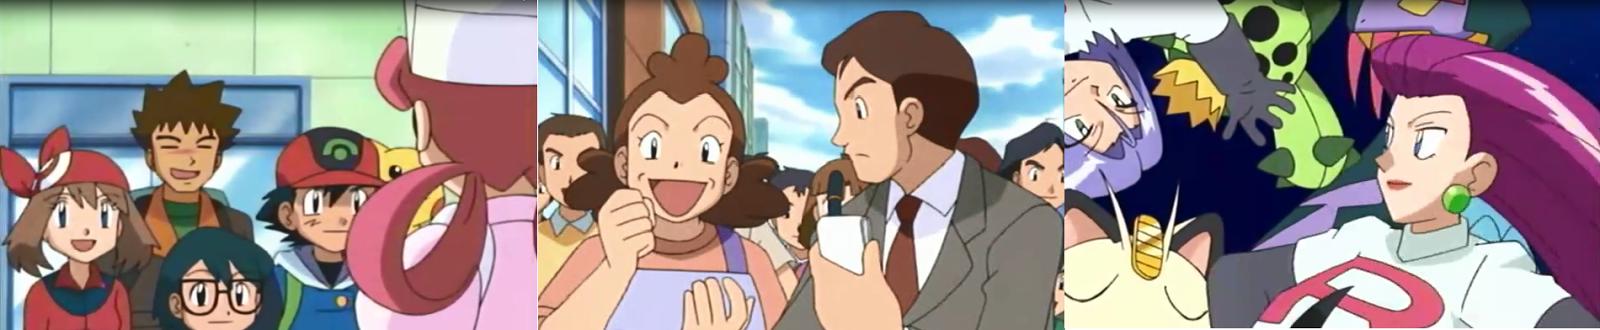 Pokemon Capitulo 28 Temporada 7 Un Dilema Doble